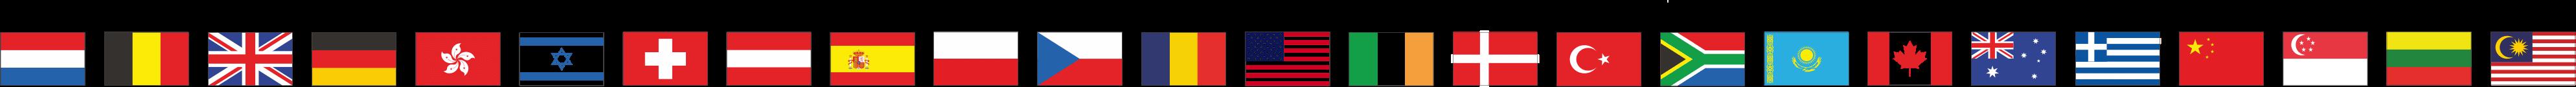 flagi-25